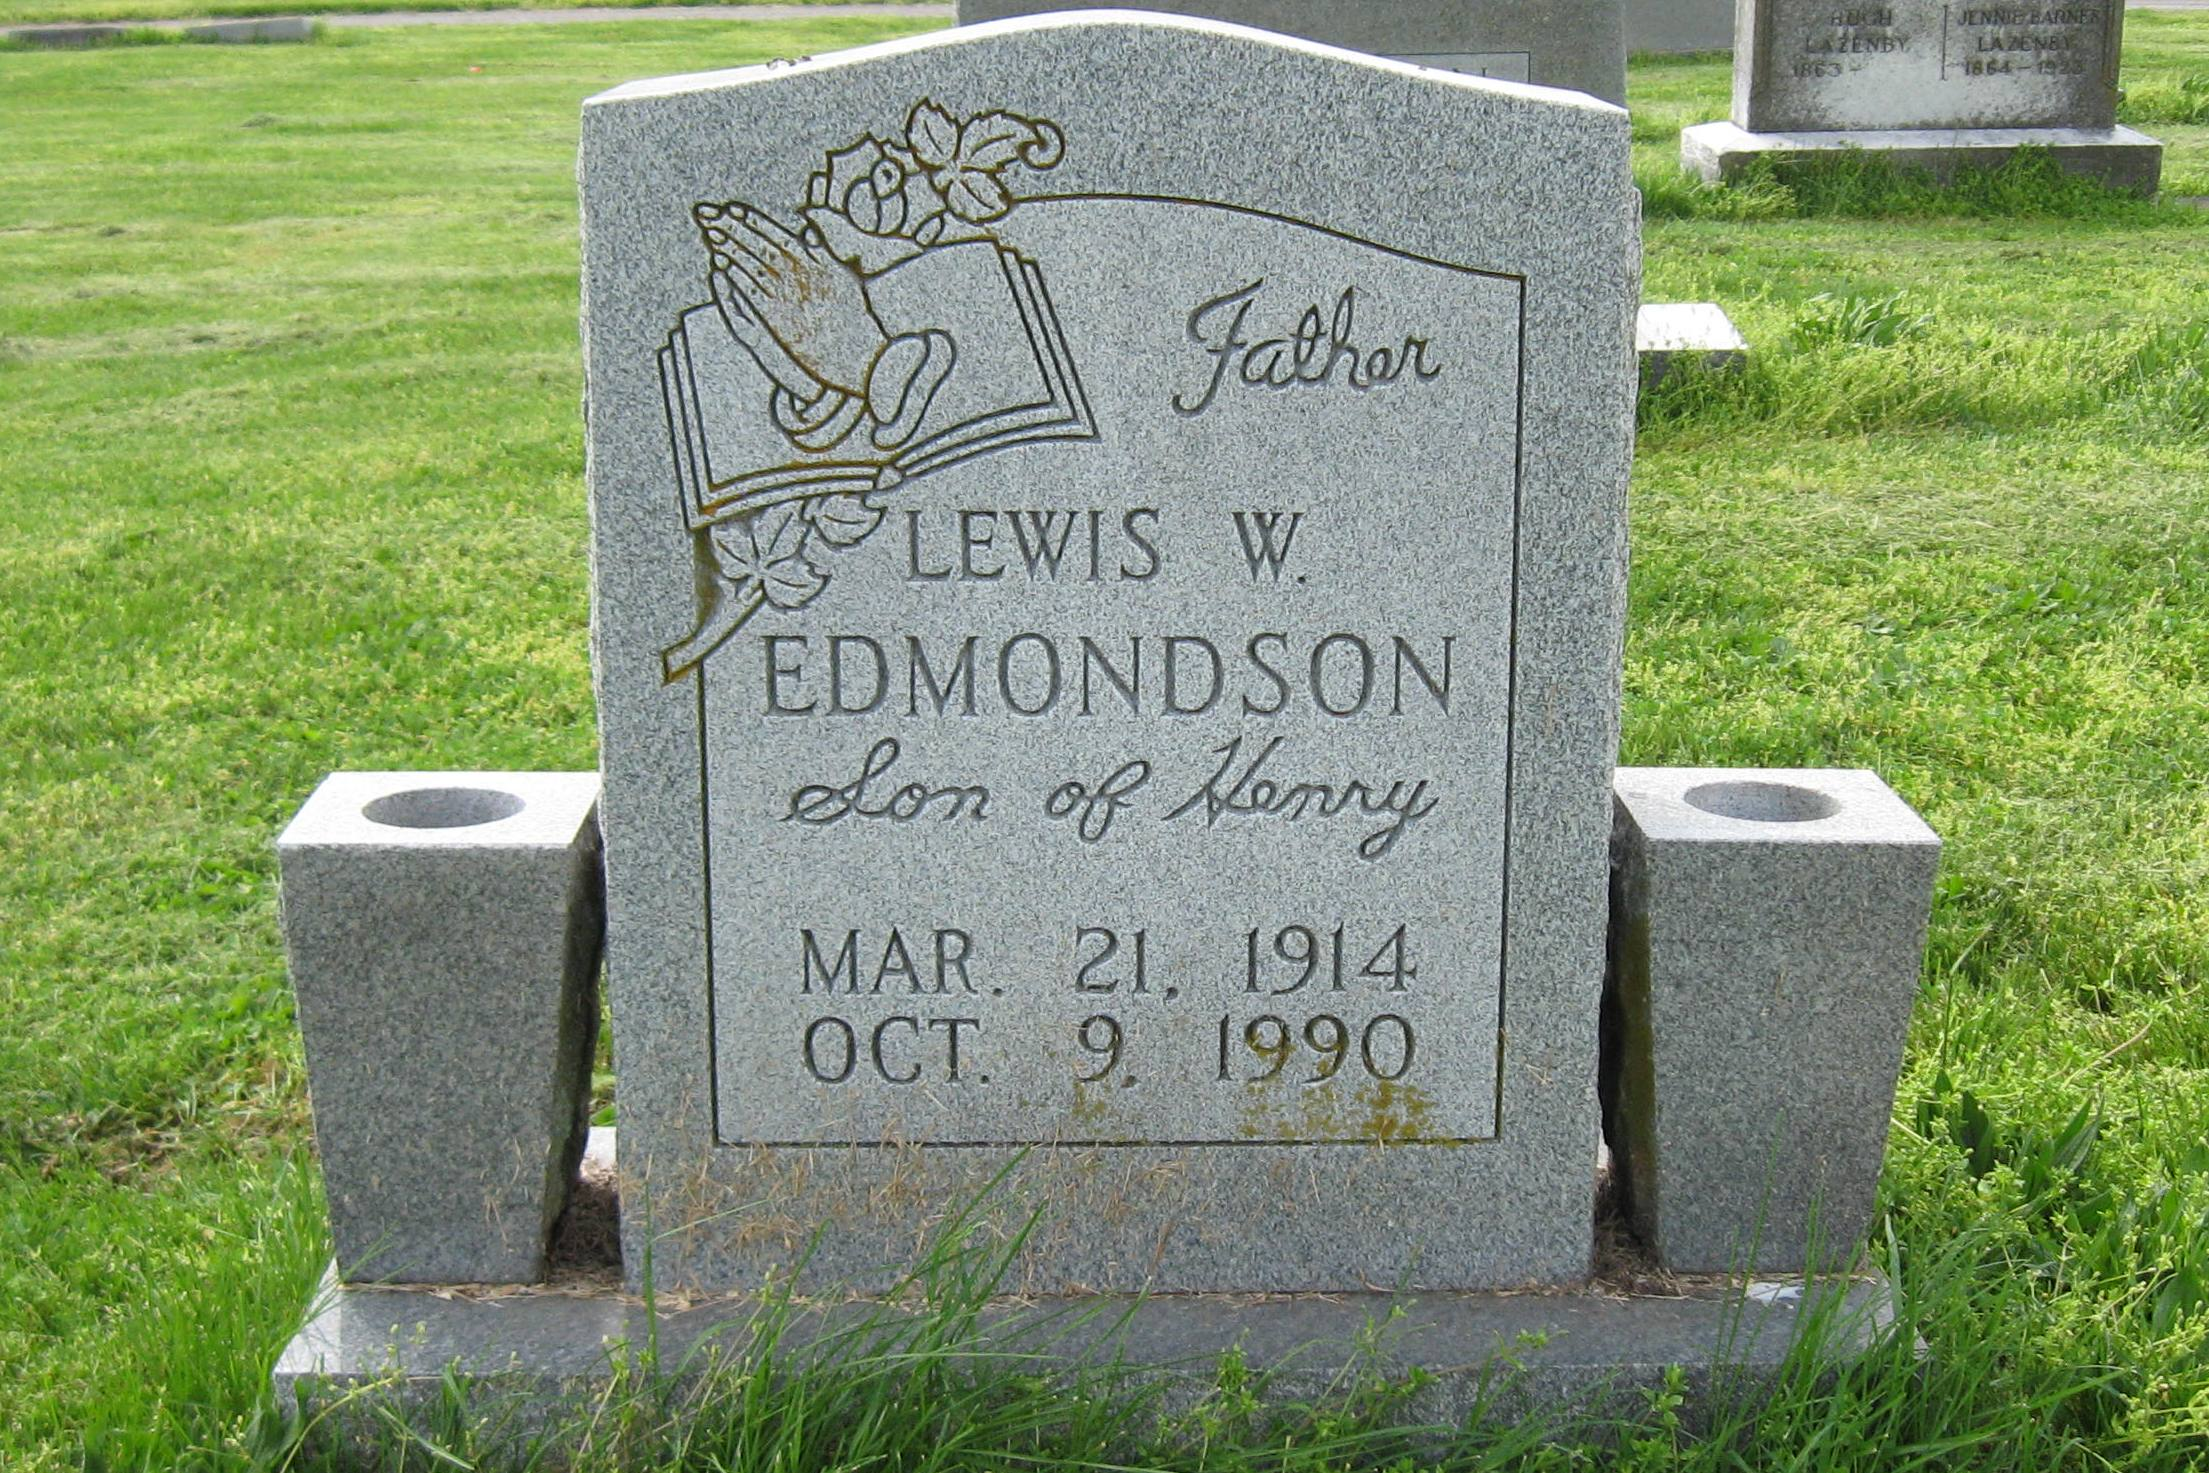 Lewis W. Edmondson